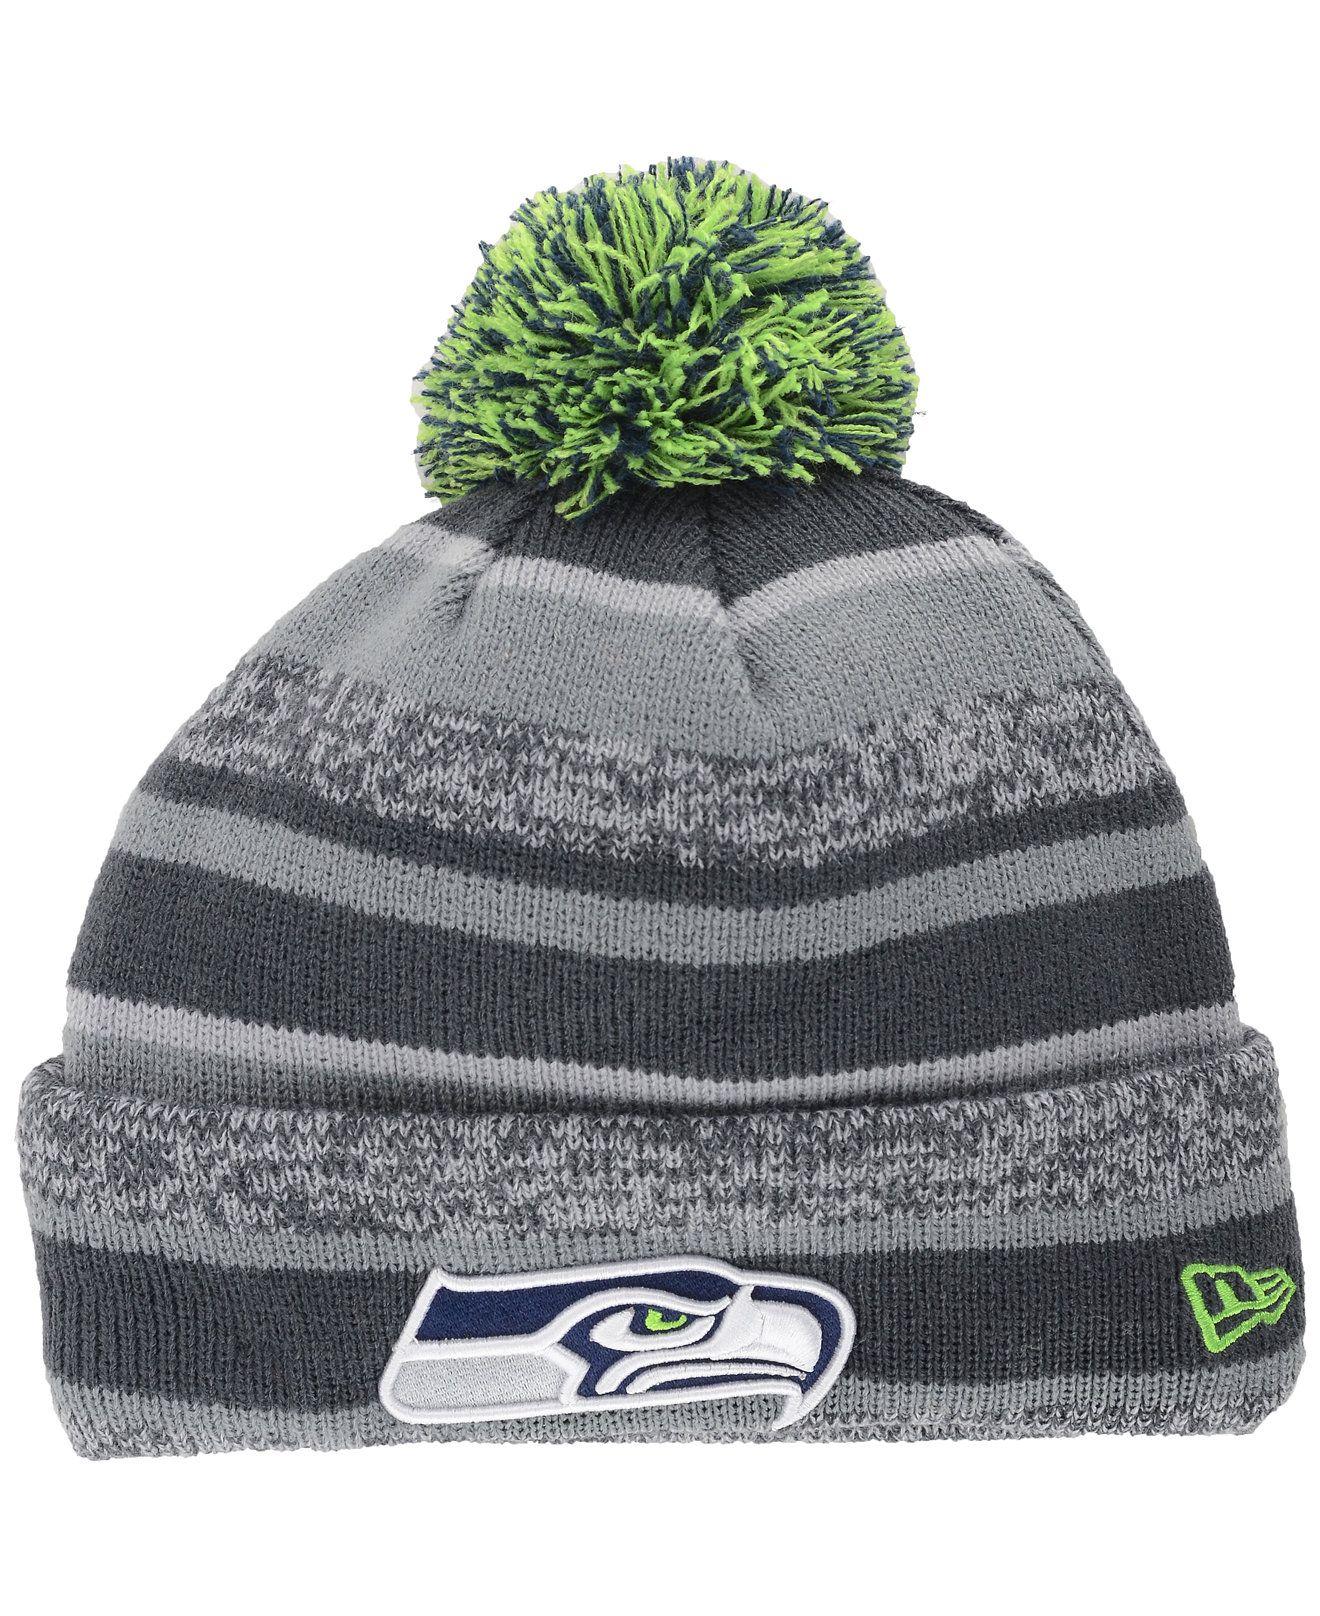 1d5e05fc65f4b get new era kids seattle seahawks sport knit hat sports fan shop by lids  15456 f22a4